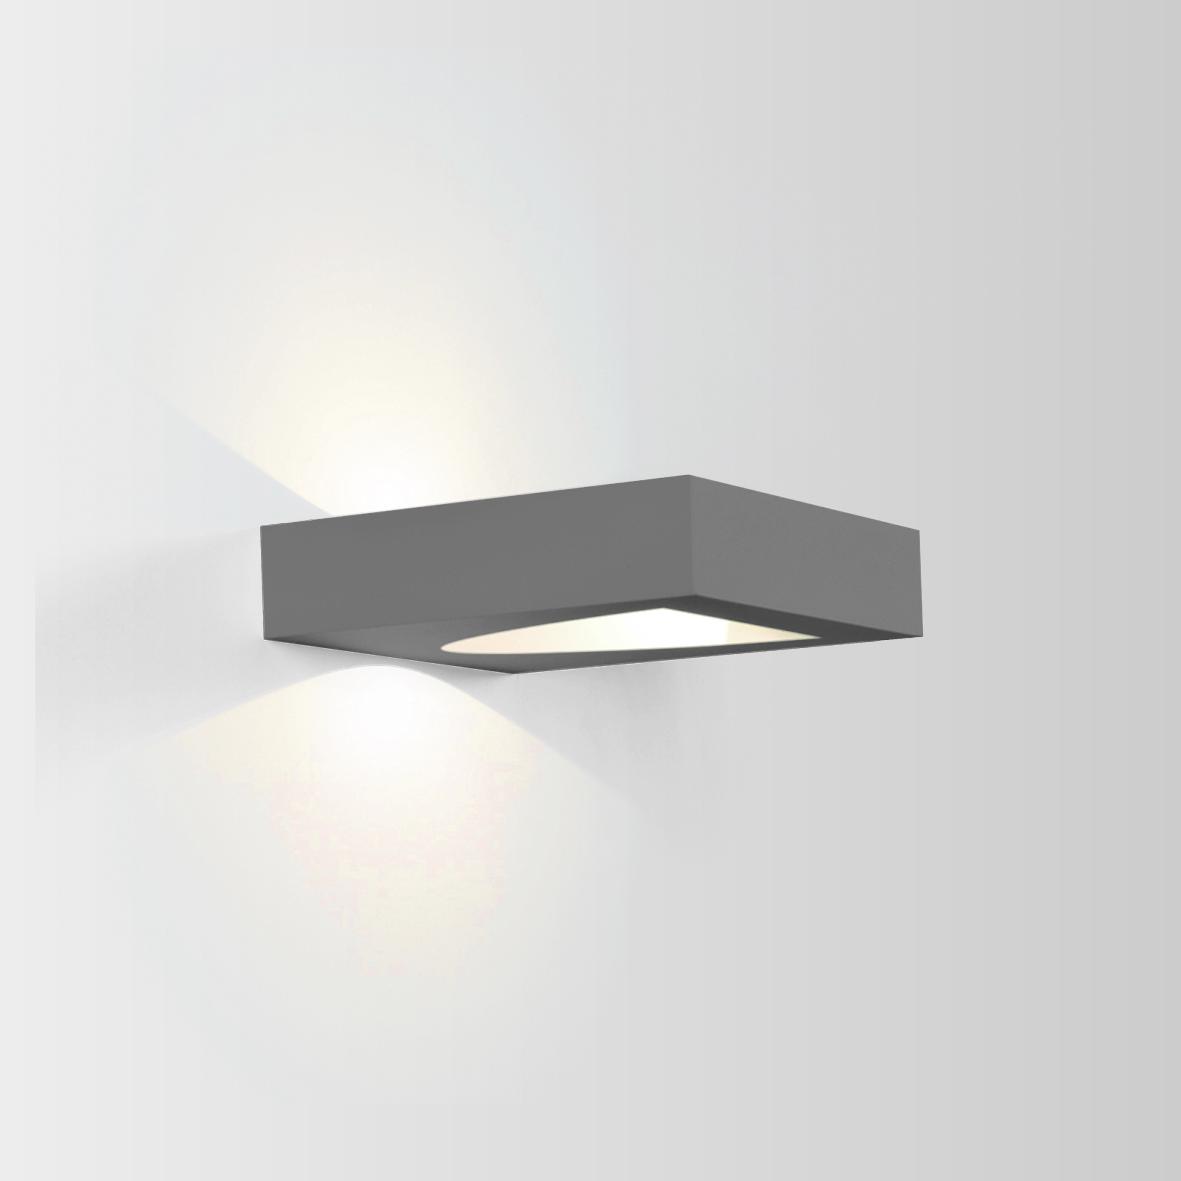 SMILE 2.0 LED 3000K DIM TUMEHALL 8W 80CRI 220-240VAC, välisvalgusti seinale